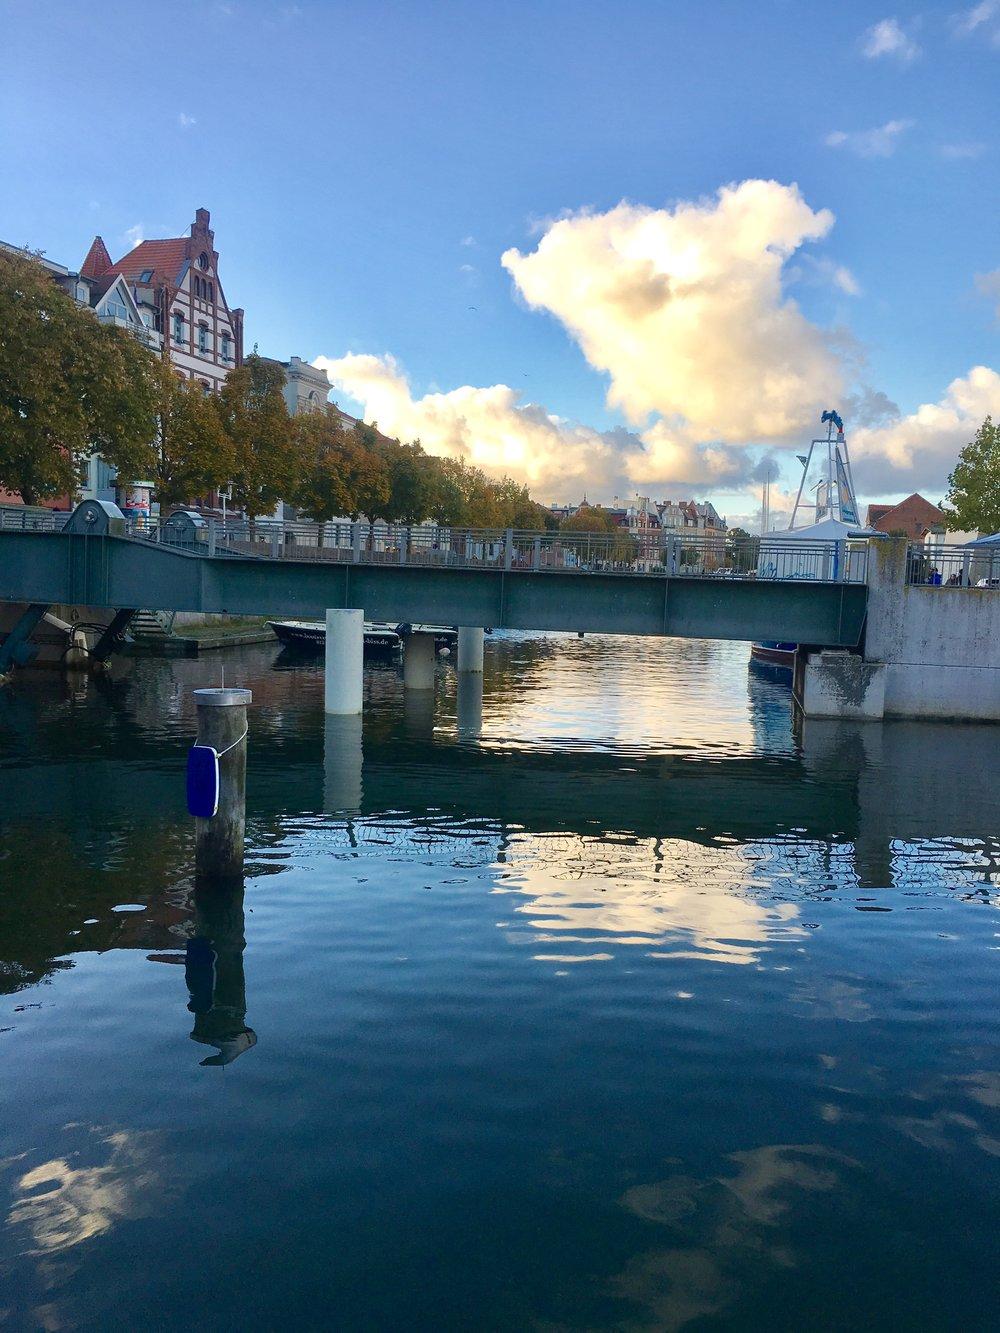 Badenkanal Stralsund.jpg